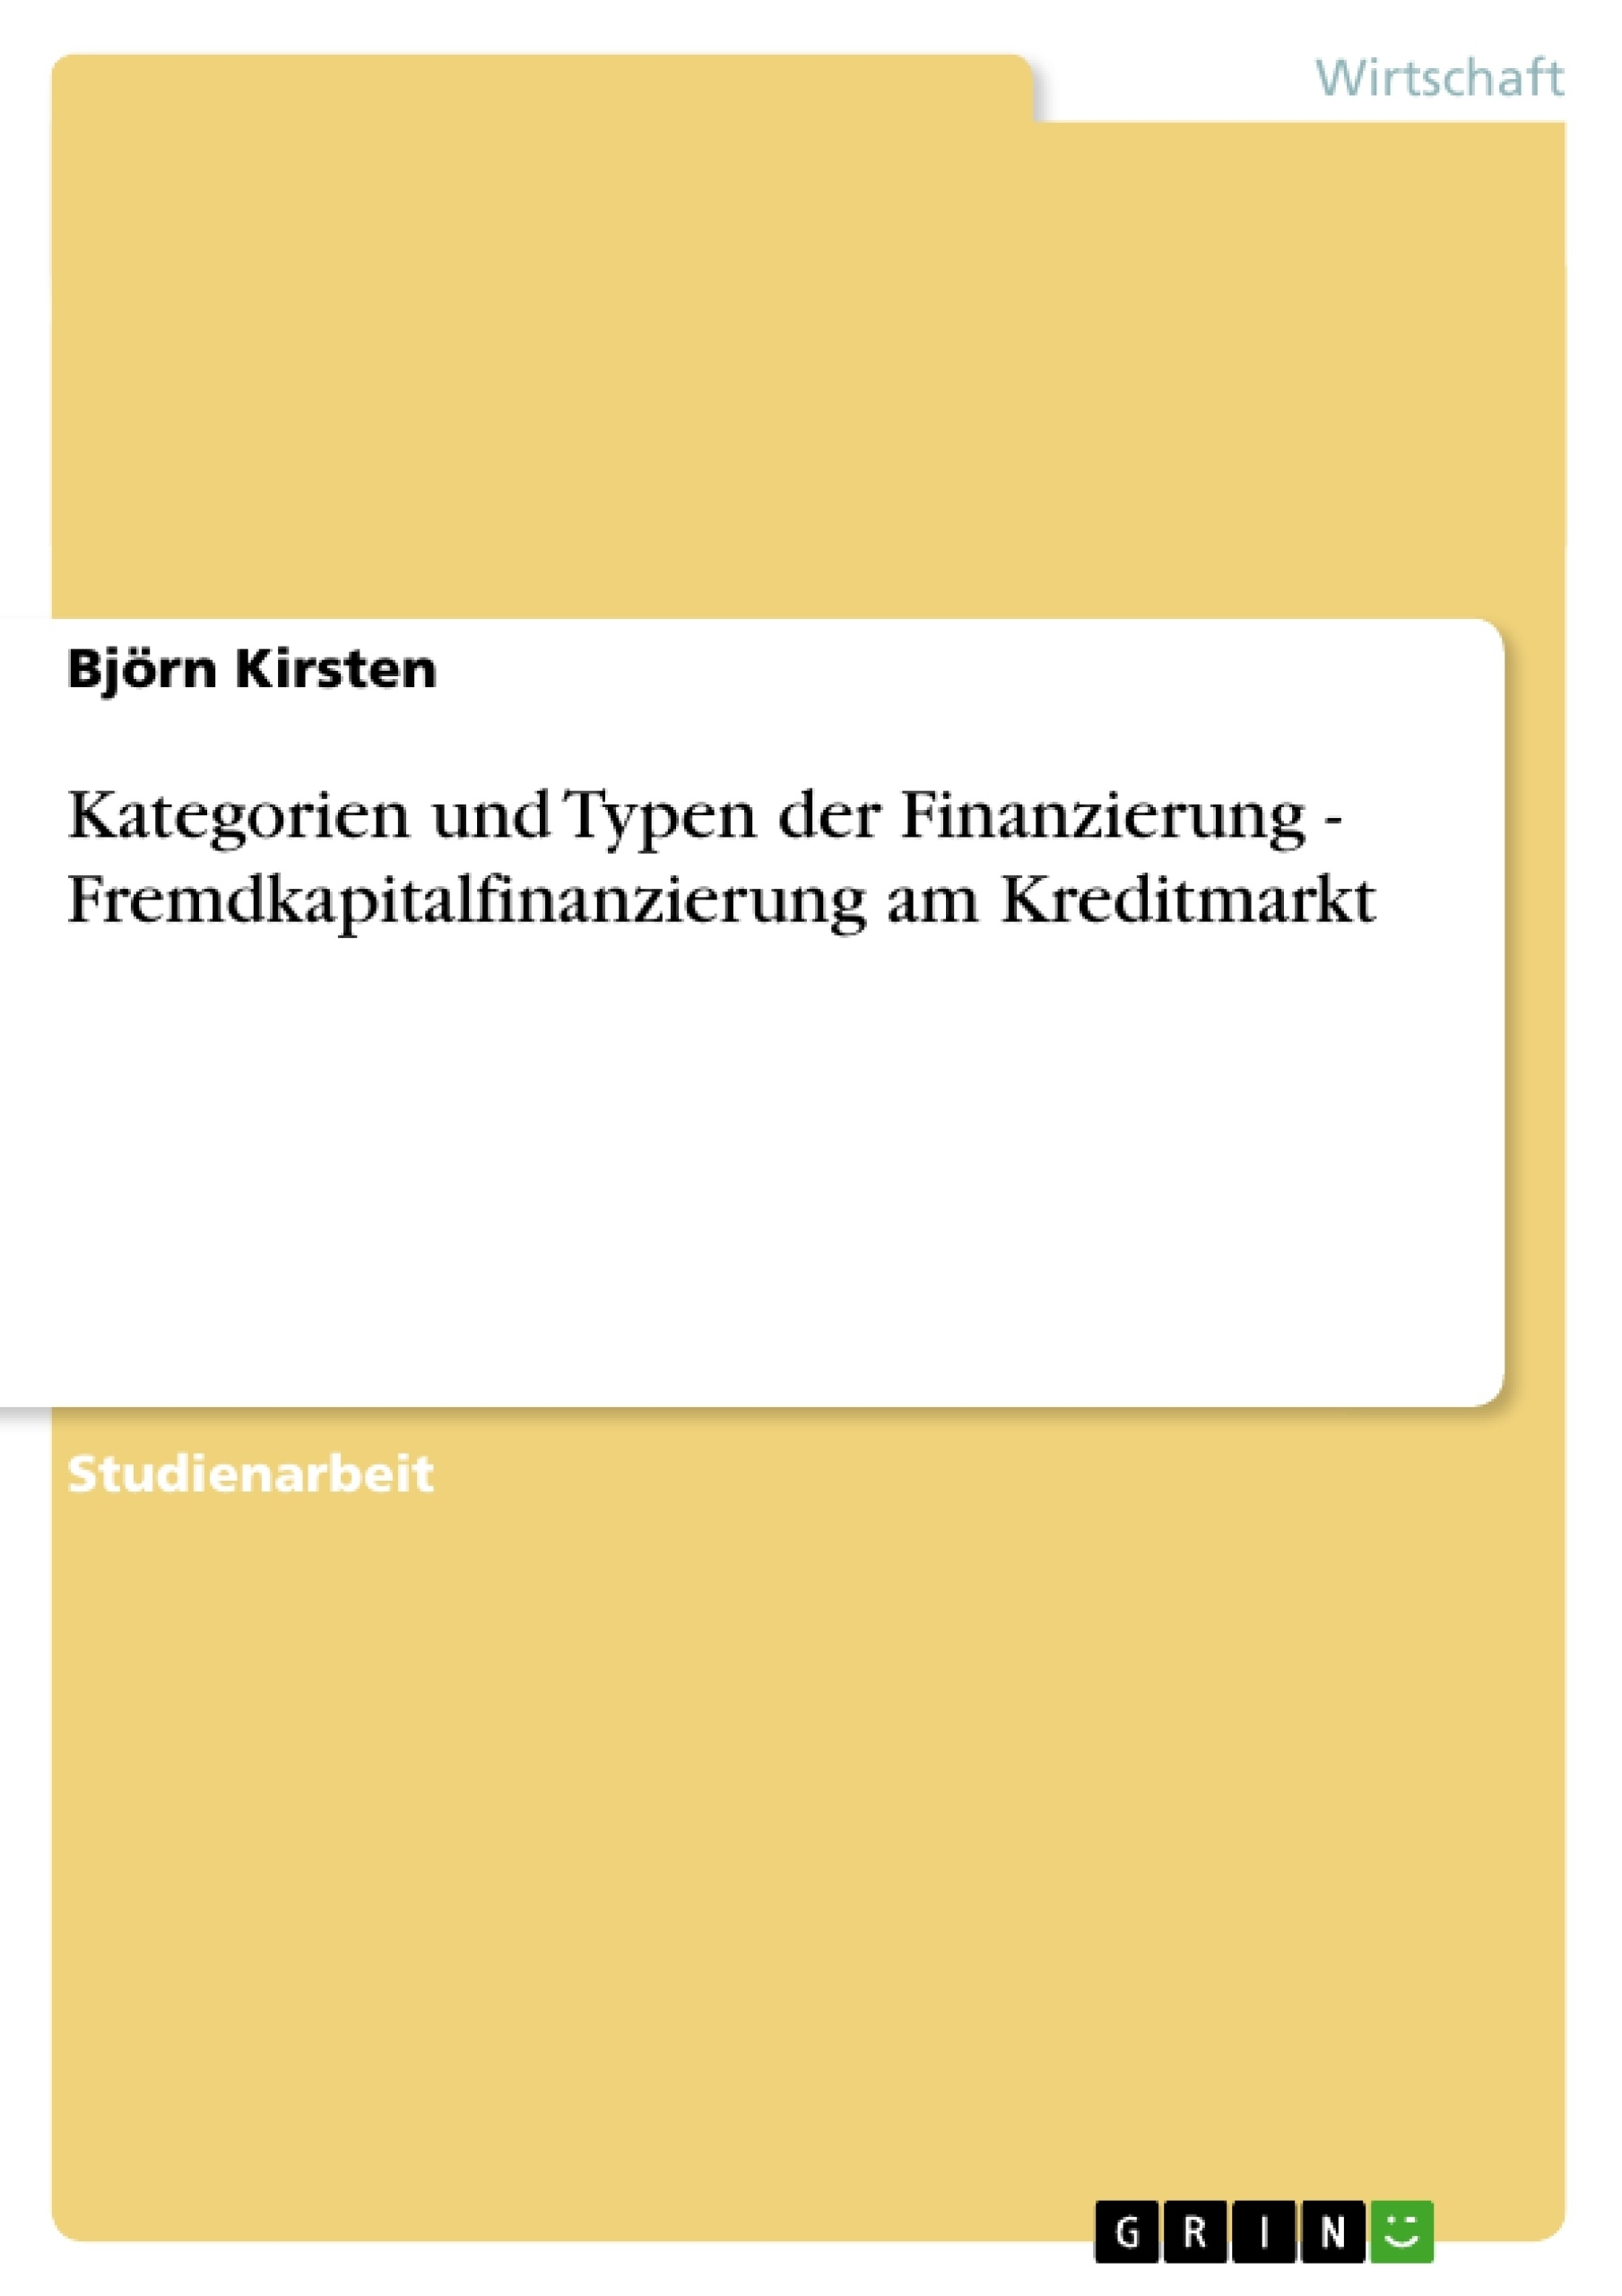 Titel: Kategorien und Typen der Finanzierung - Fremdkapitalfinanzierung am Kreditmarkt